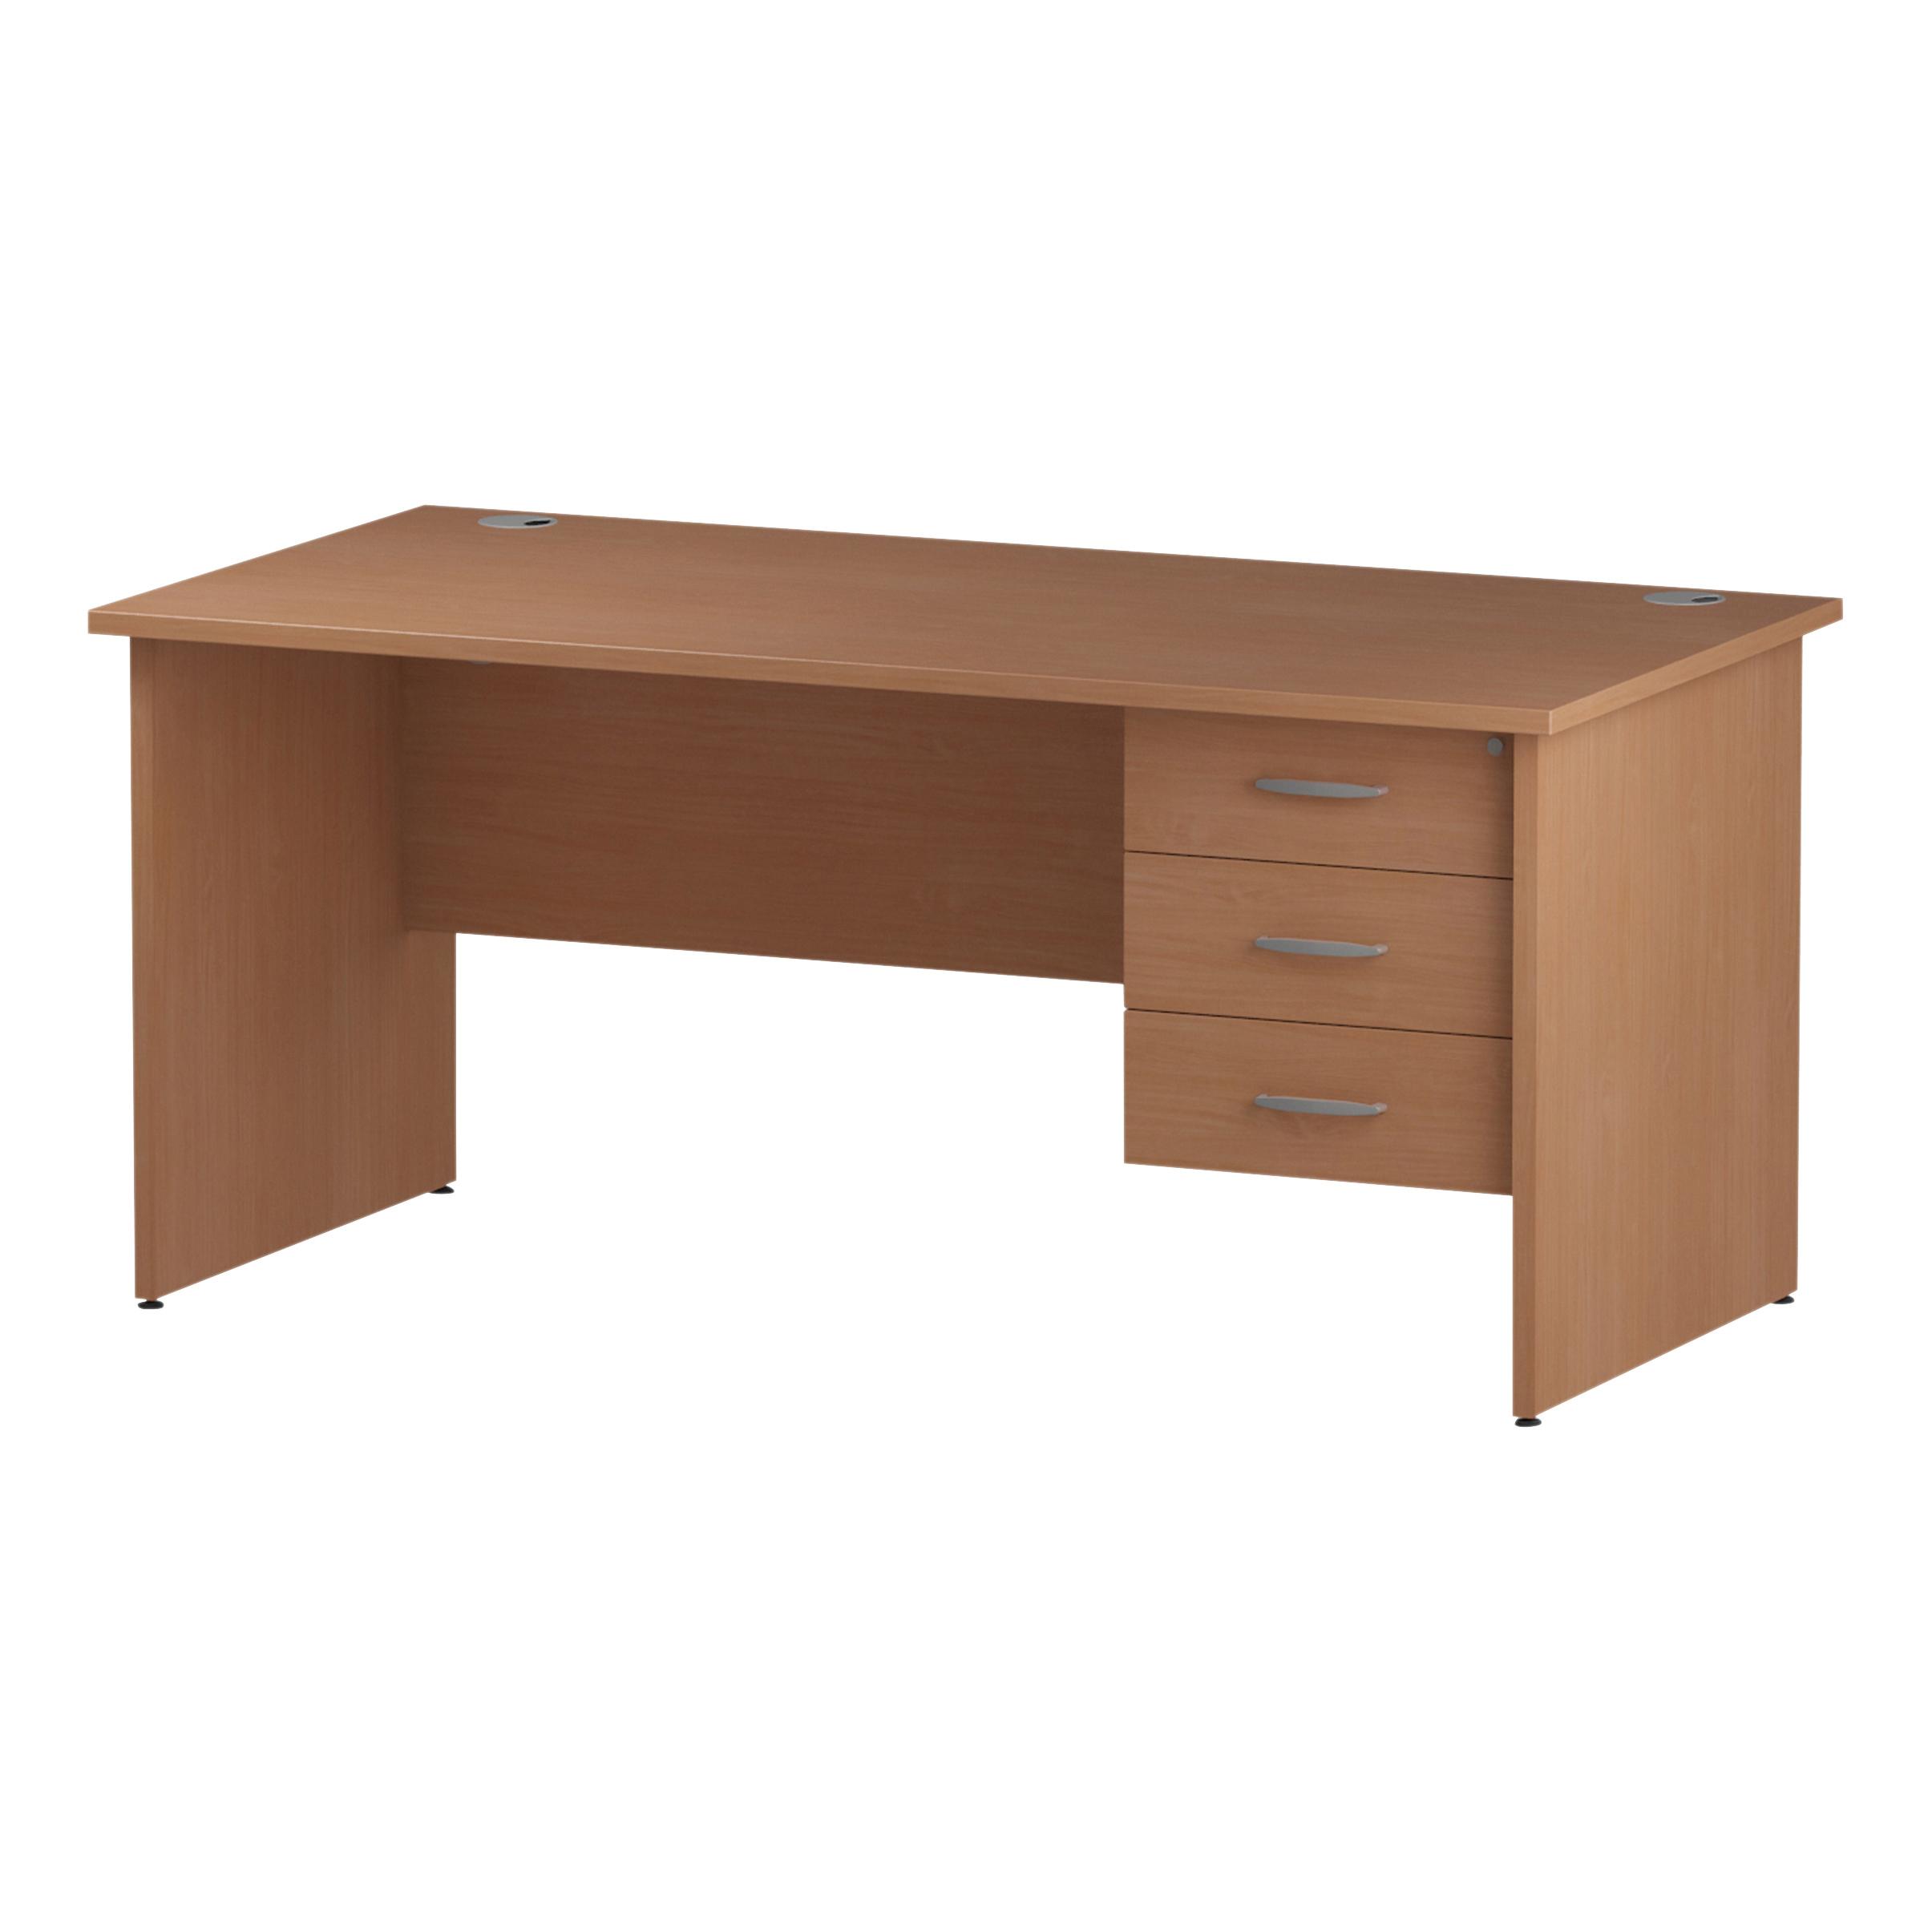 Trexus Rectangular Desk Panel End Leg 1600x800mm Fixed Pedestal 3 Drawers Beech Ref I001739